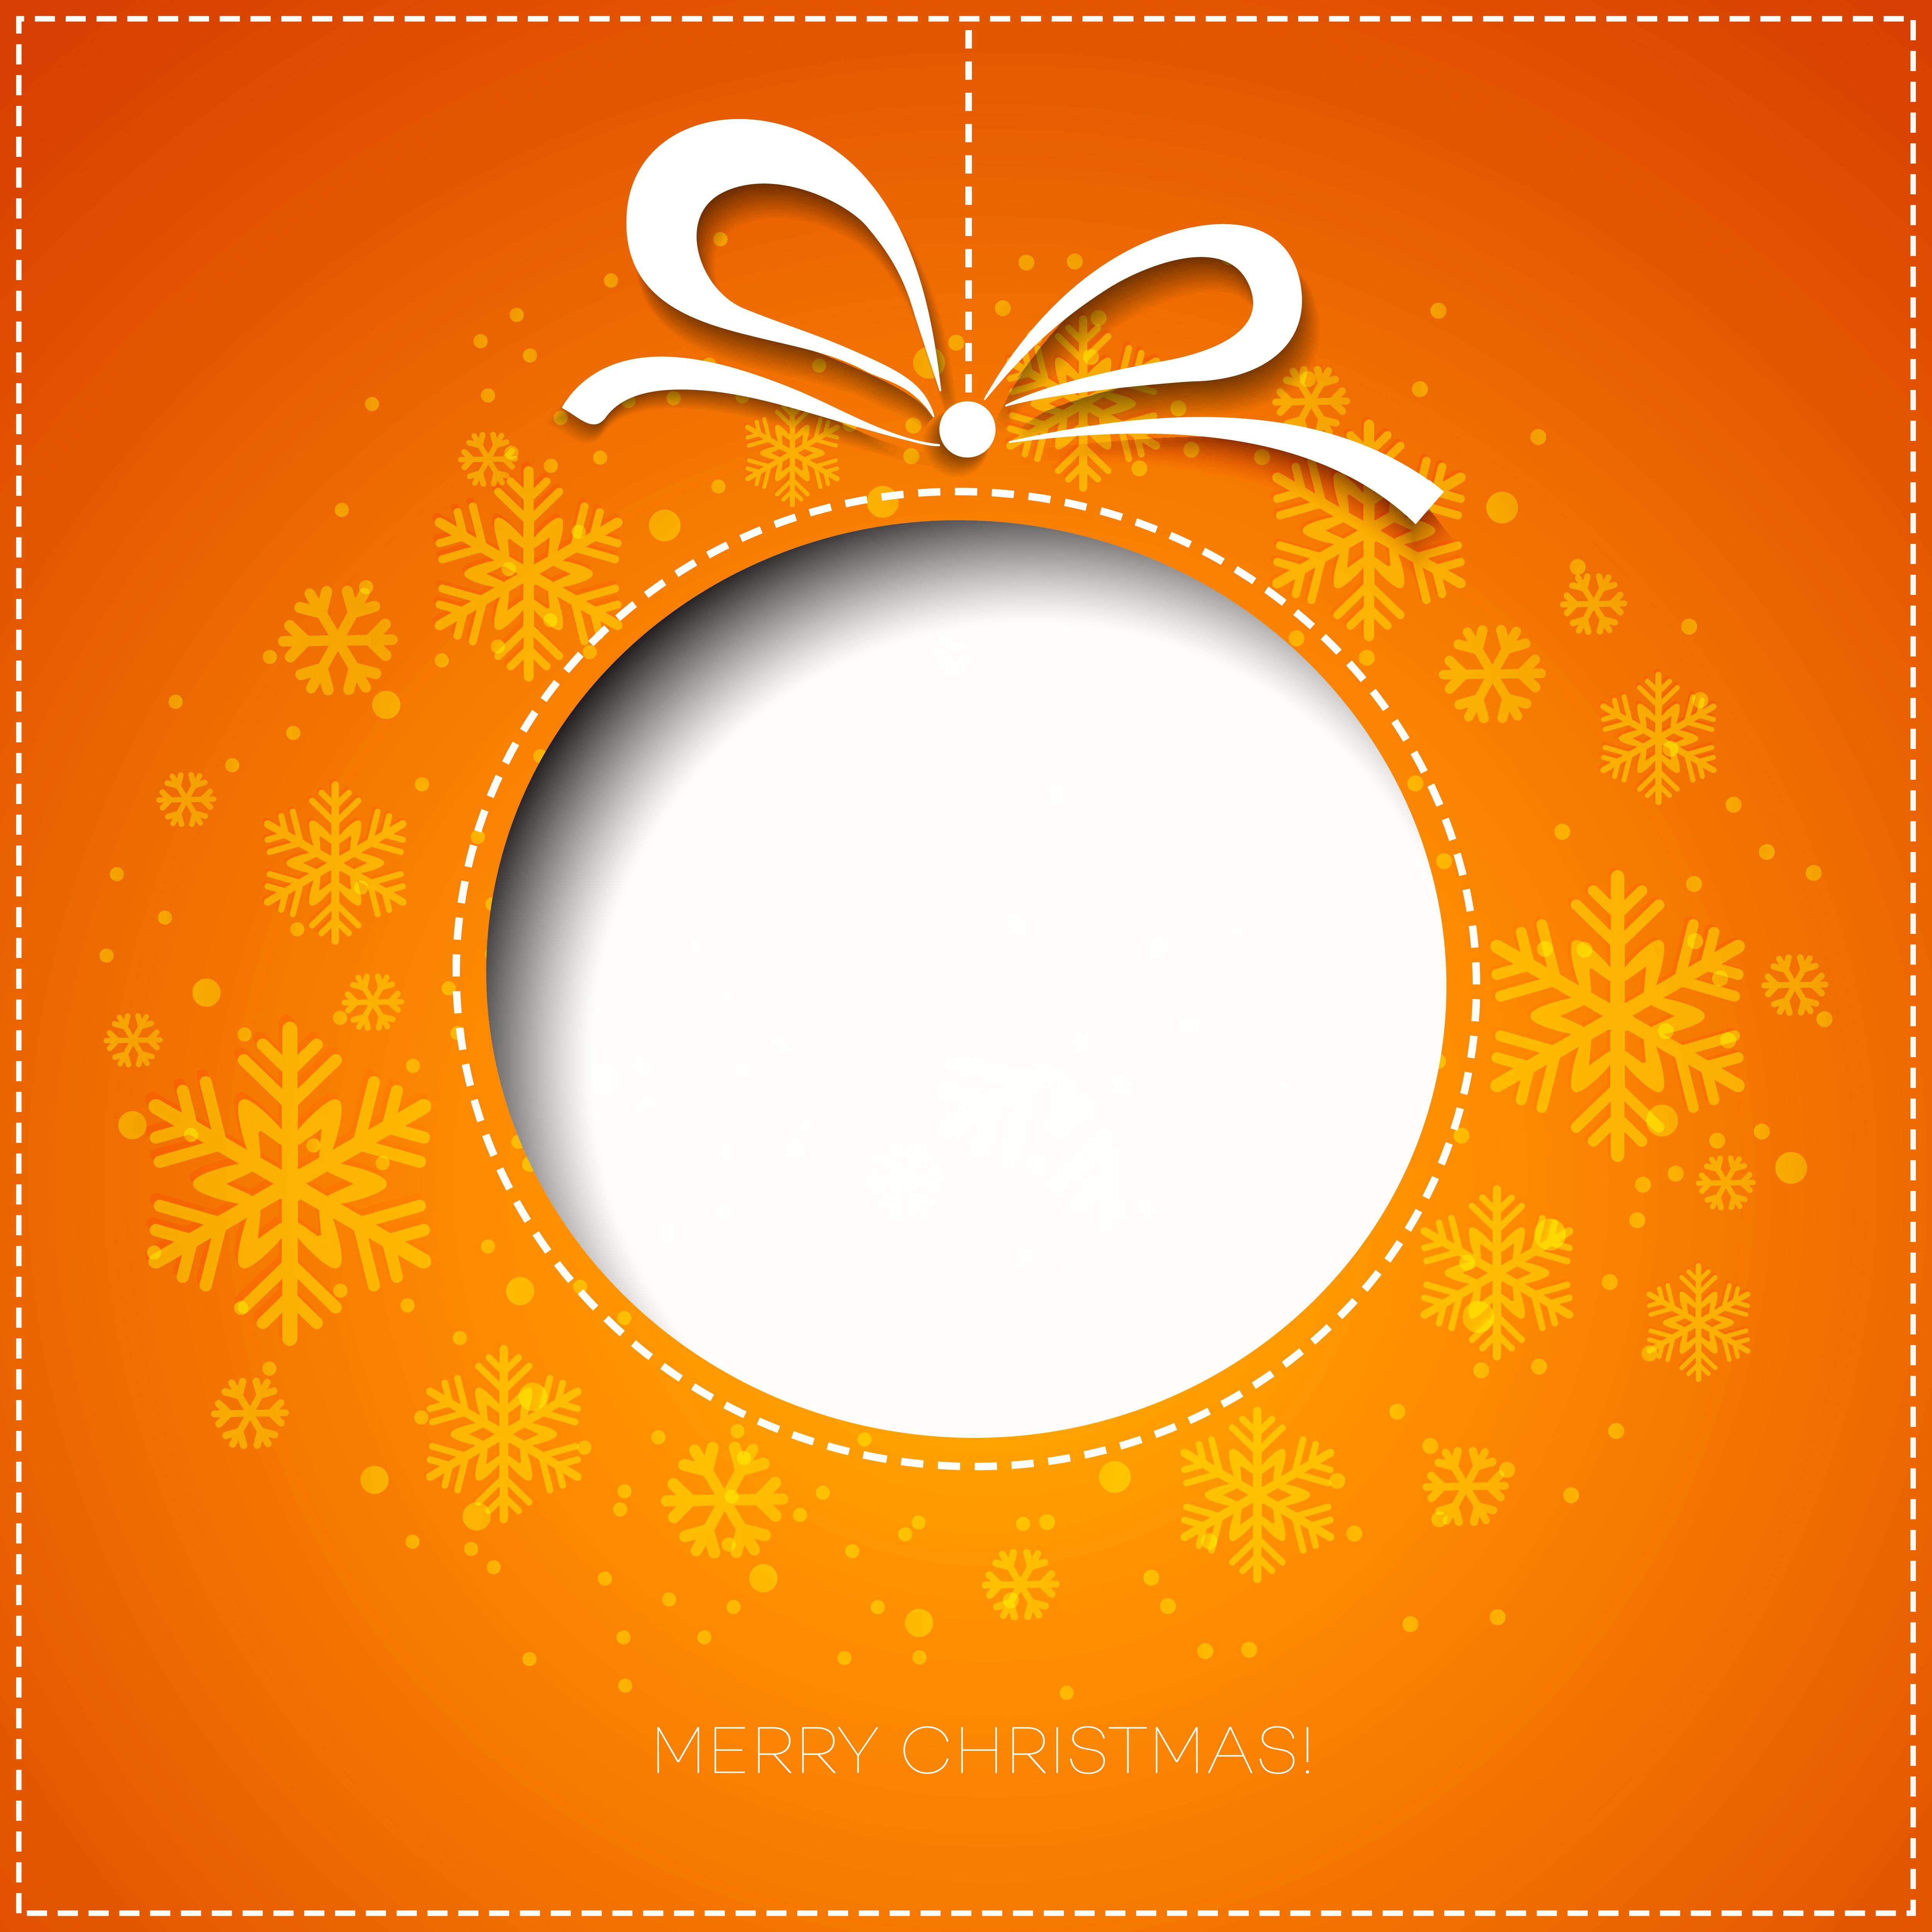 Adornos en tu postales de navidad para que sean originales for Adornos originales para navidad